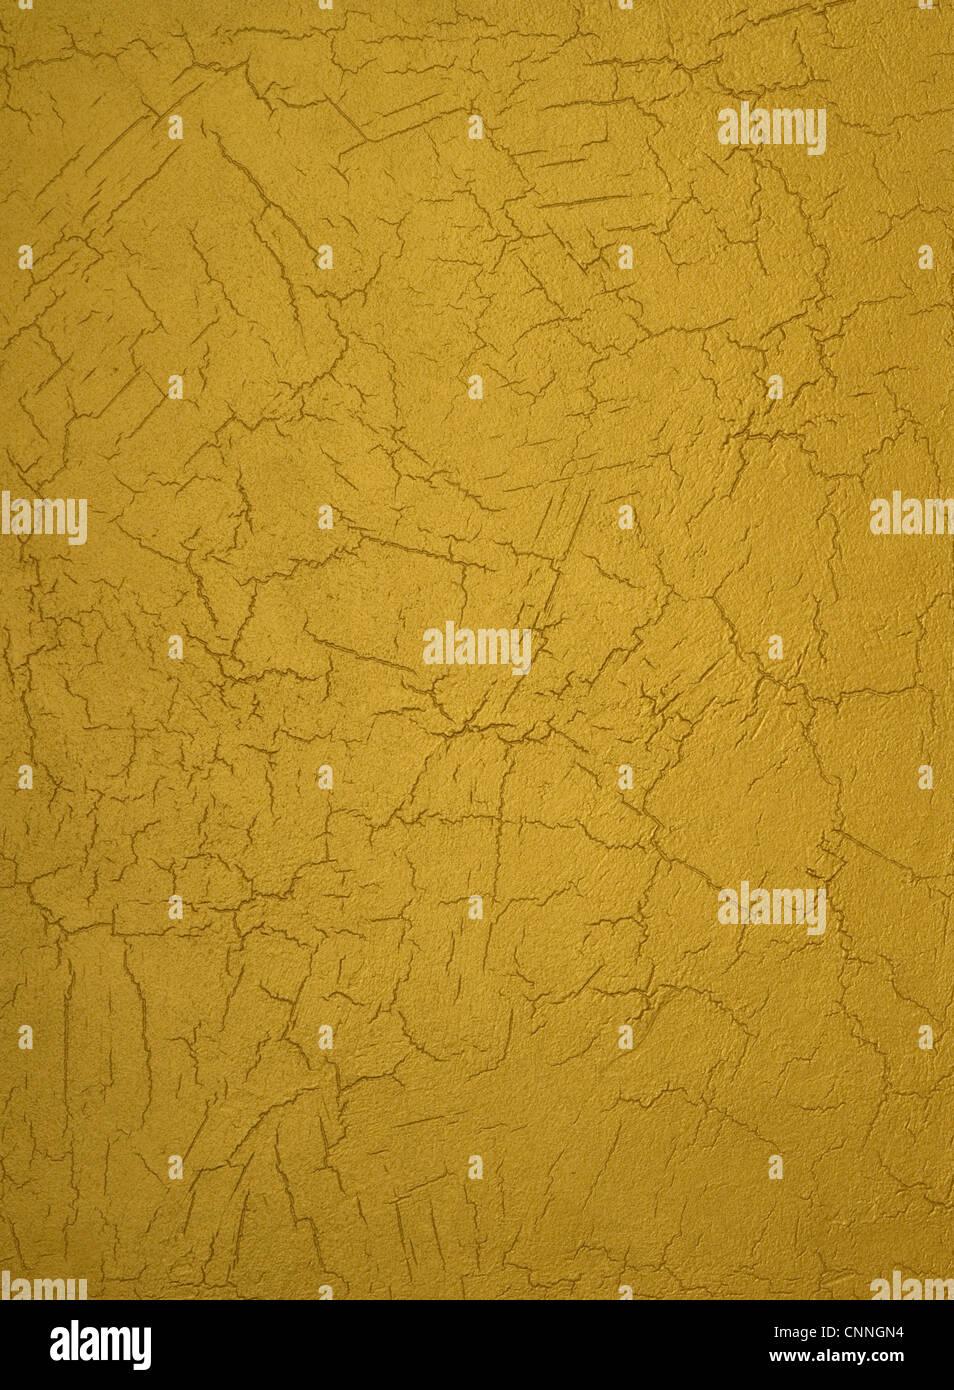 La texture d'un mur de ciment recouvert de peinture d'or, et des courses. Photo Stock